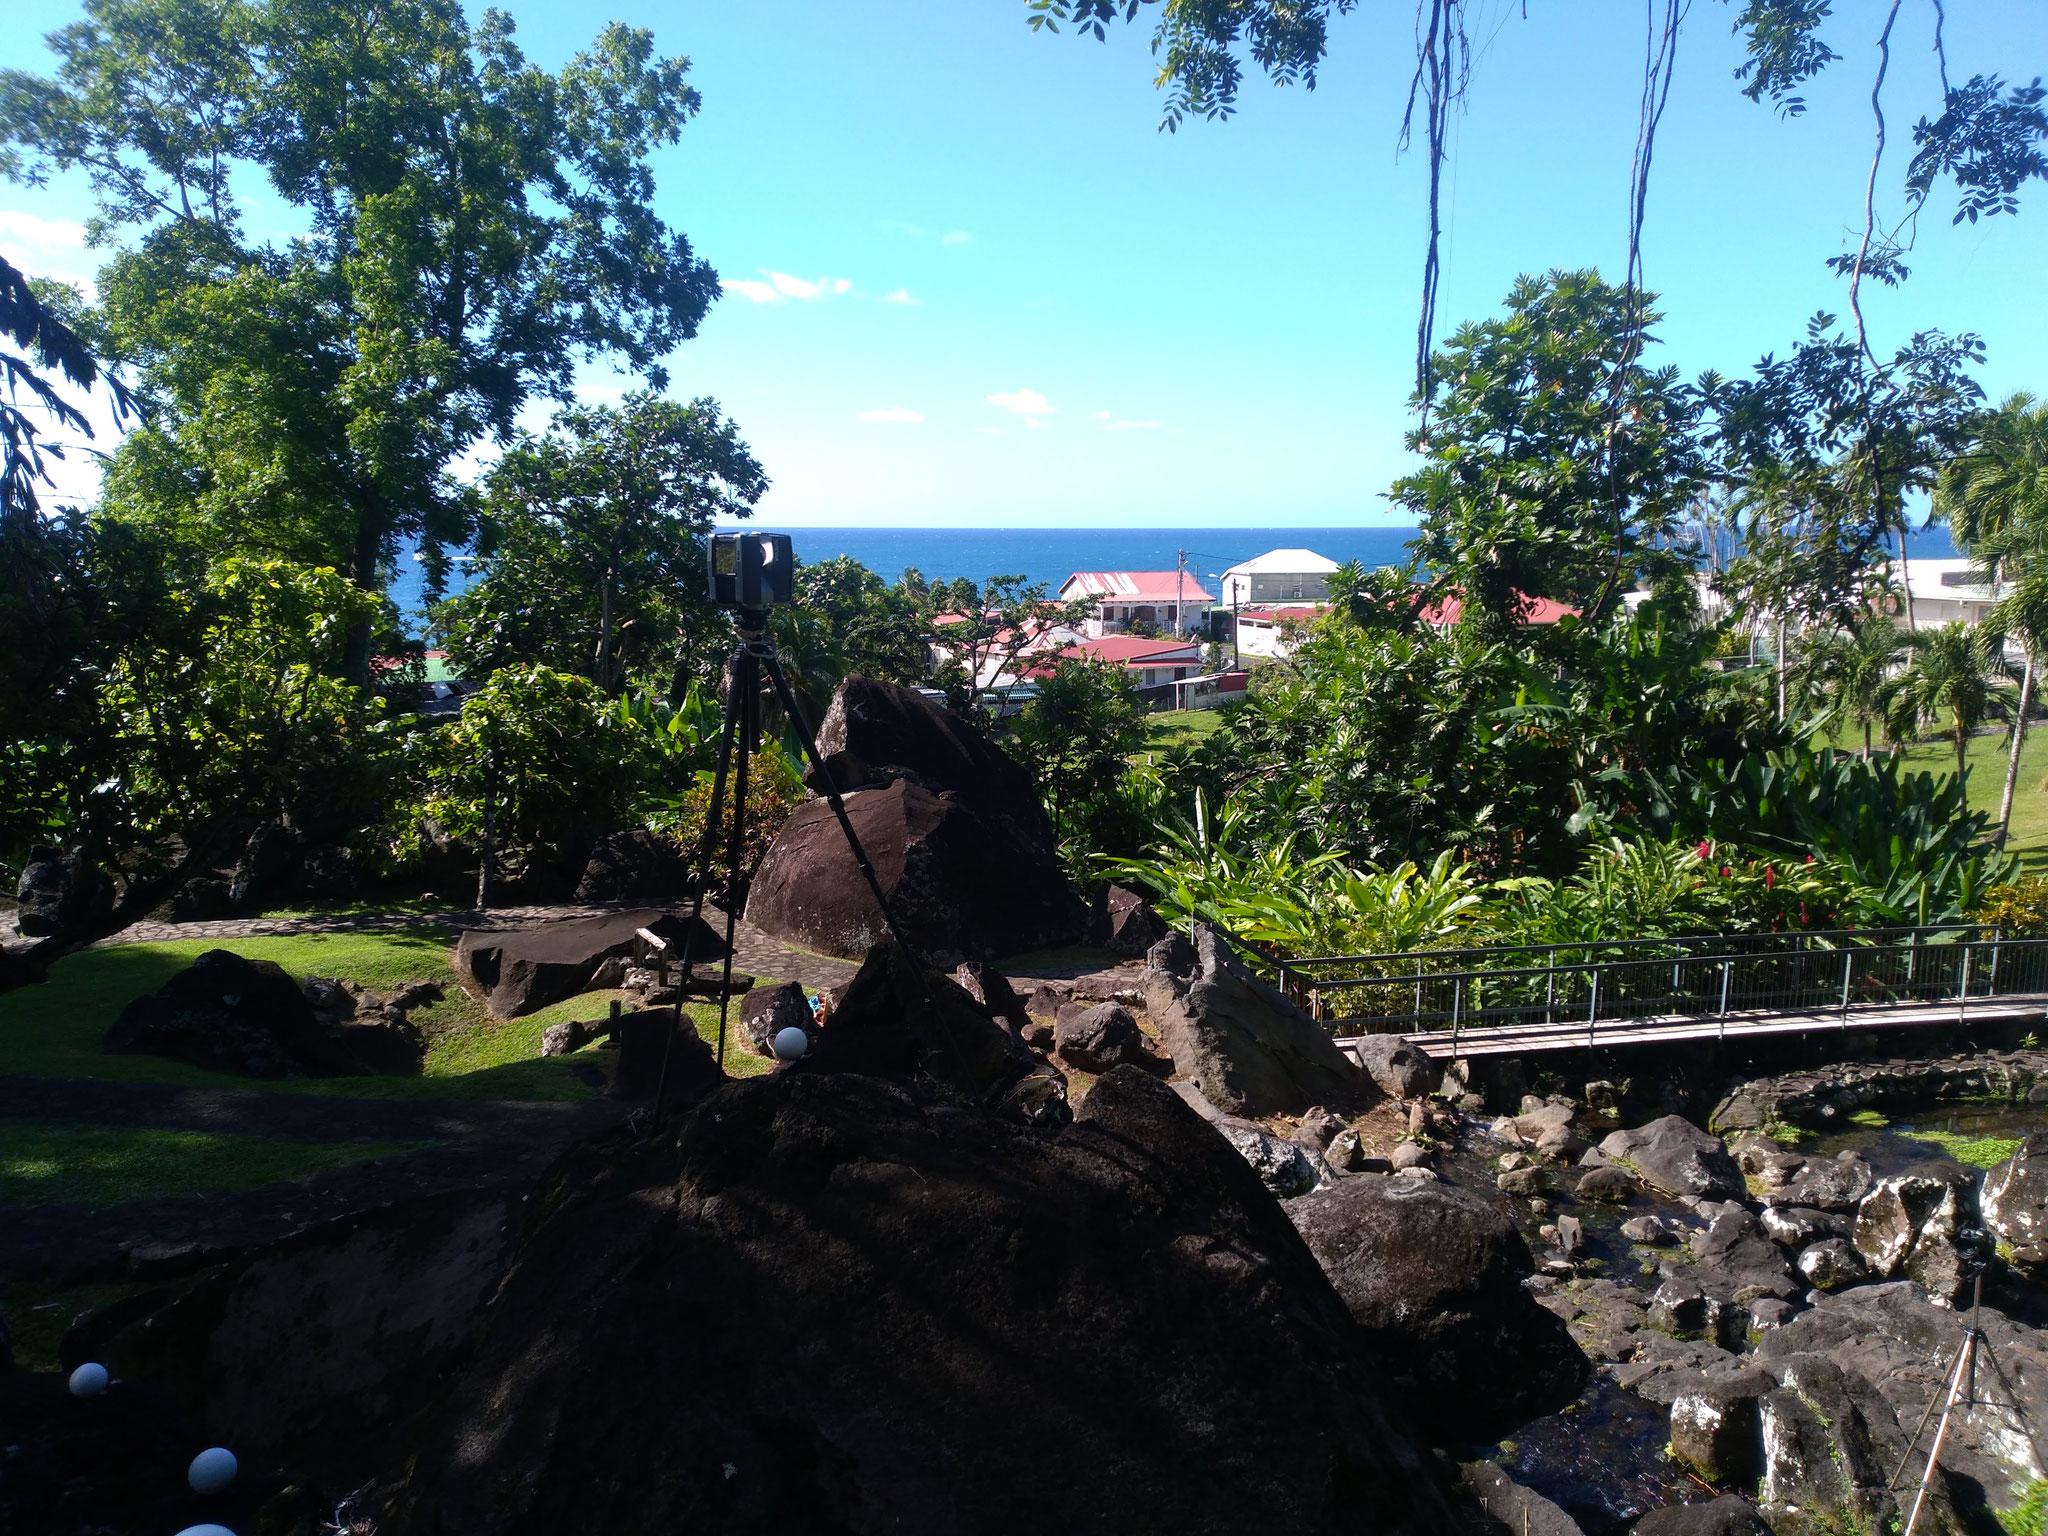 Potentiel archéologique des acquisitions topographiques LIDAR et expertise scientifique des sites archéologiques (Guadeloupe).